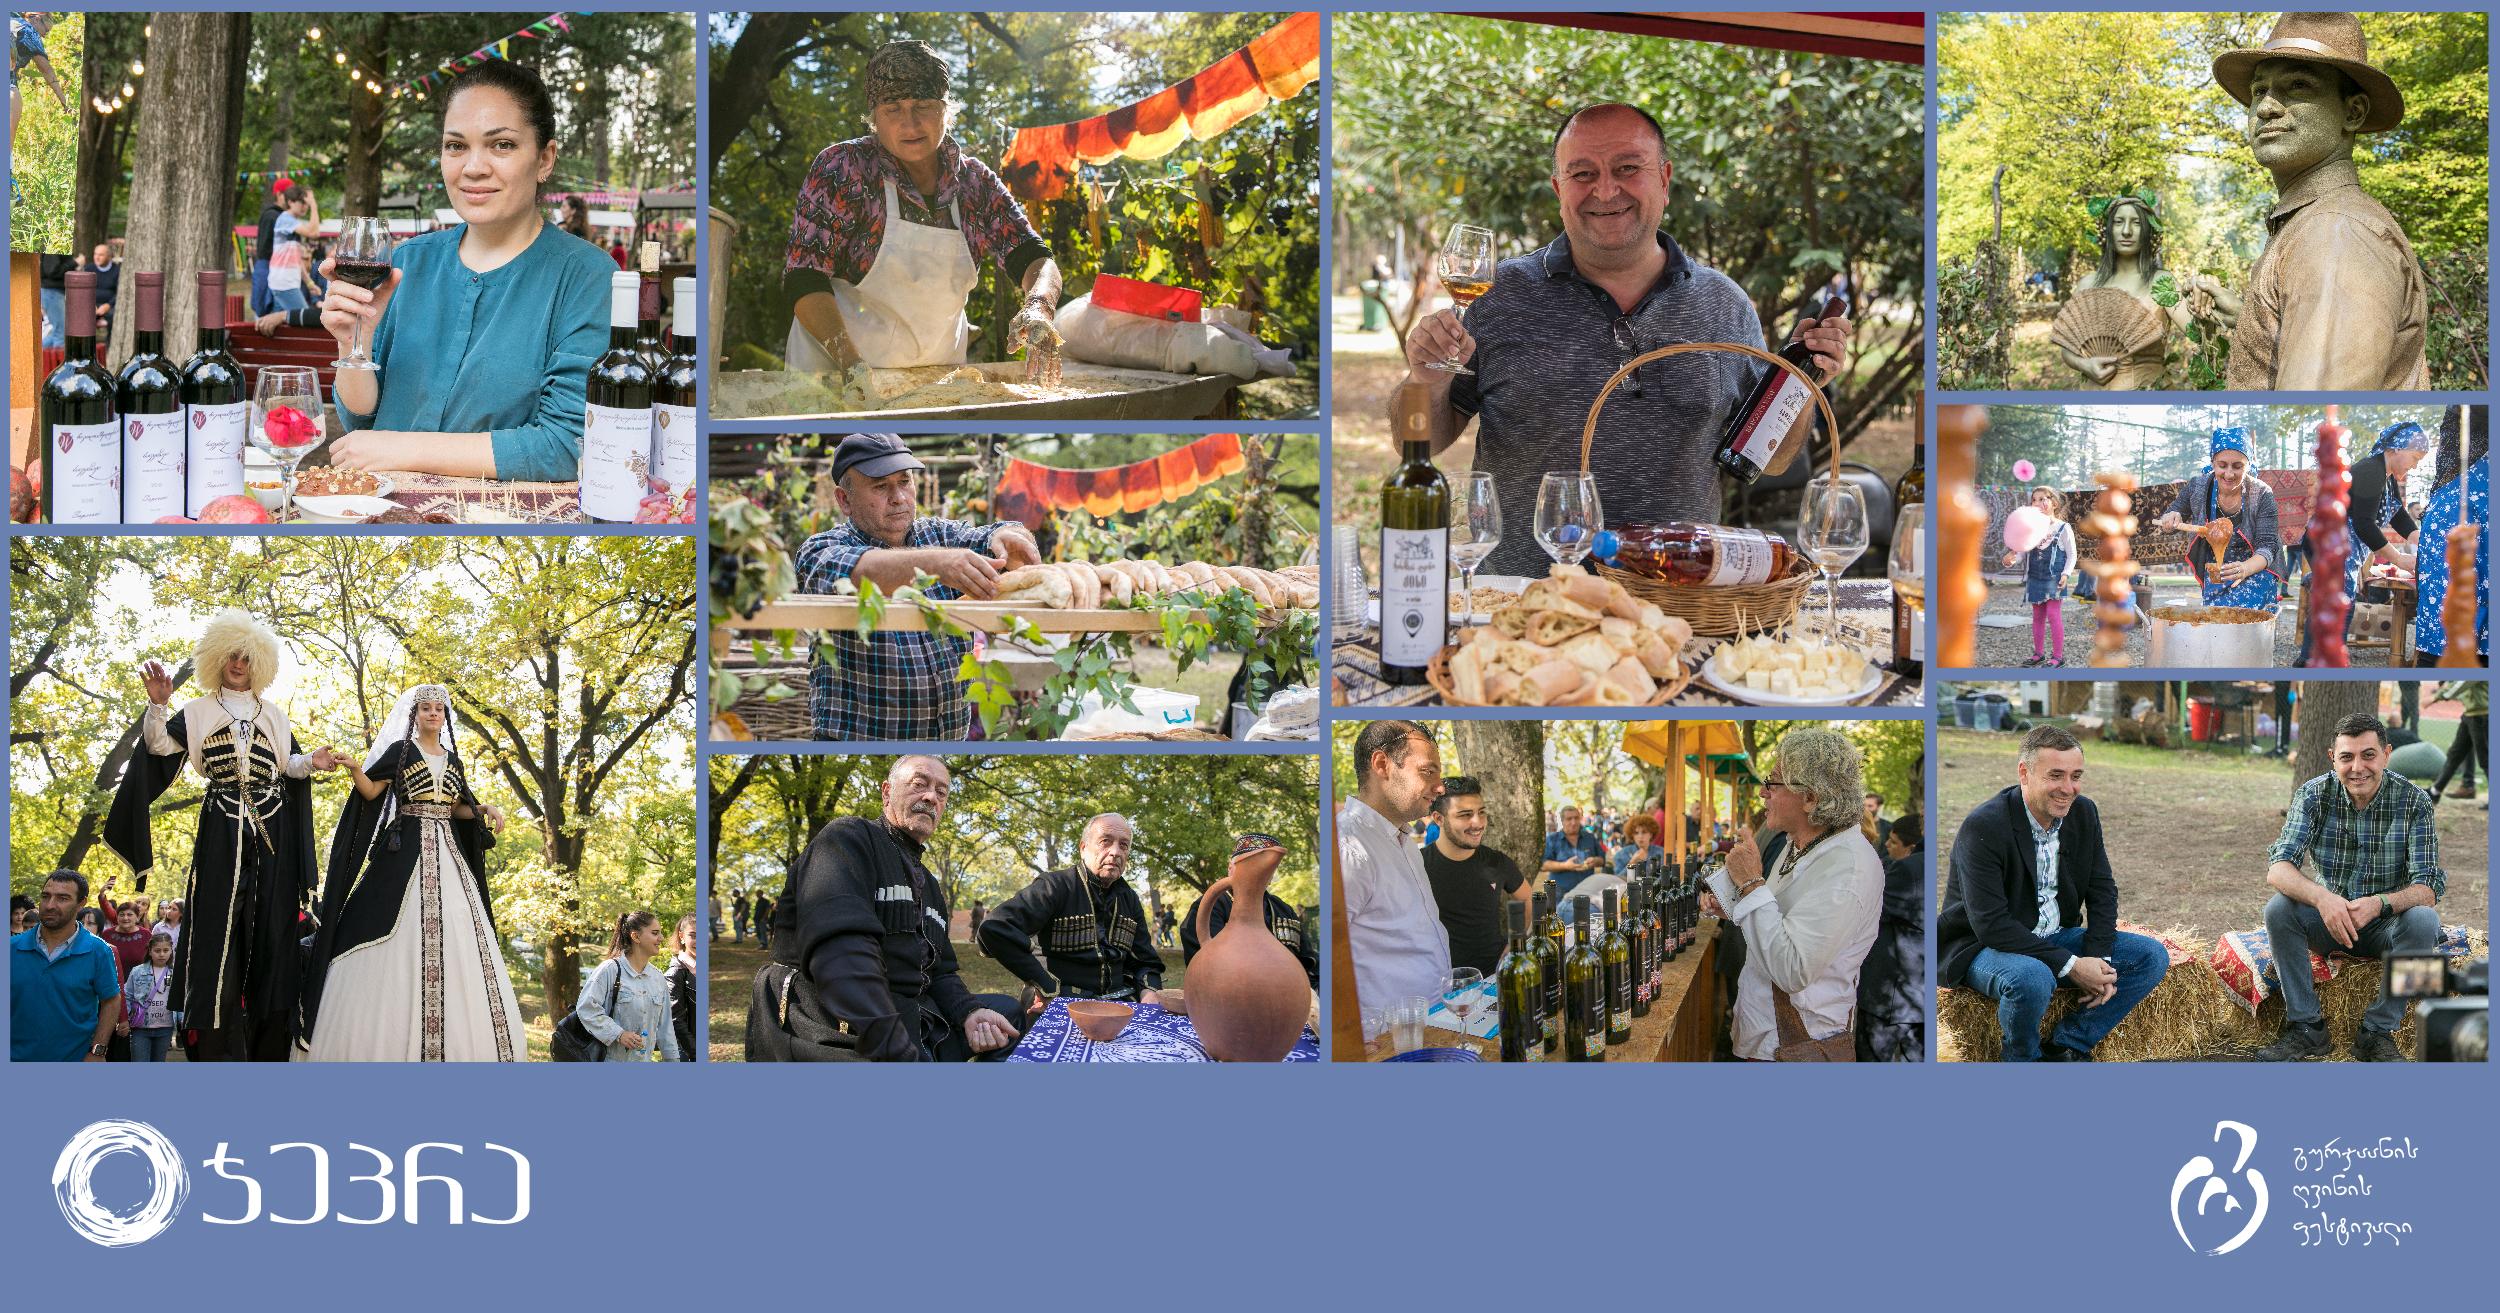 გურჯაანის ღვინის ფესტივალი 2019